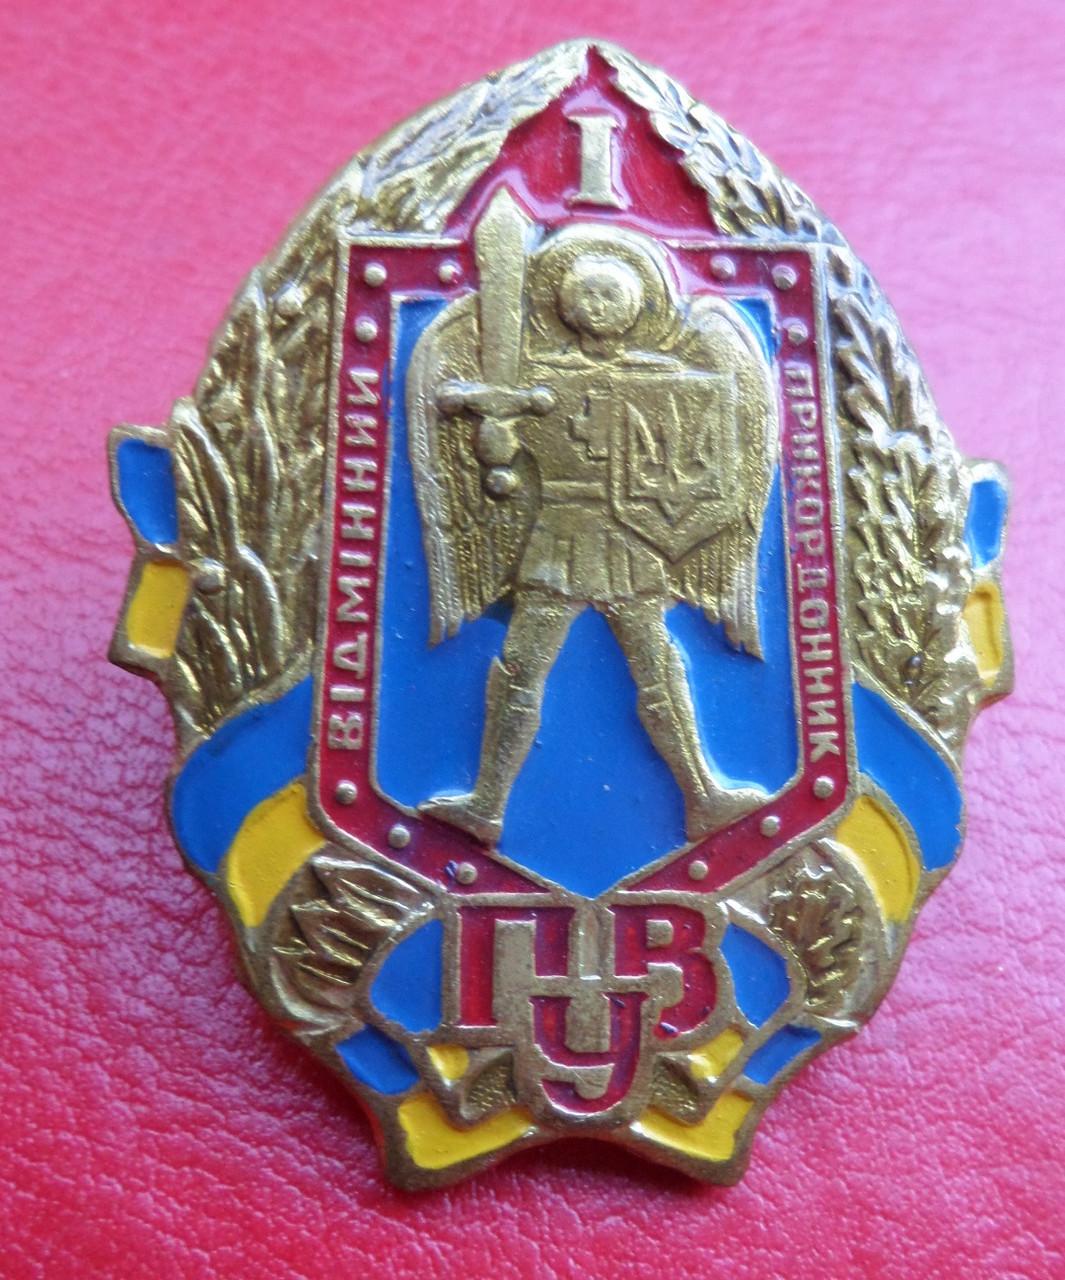 Знак Відмінний Прикордонник 1 ст.Прикордонні Війська України №255